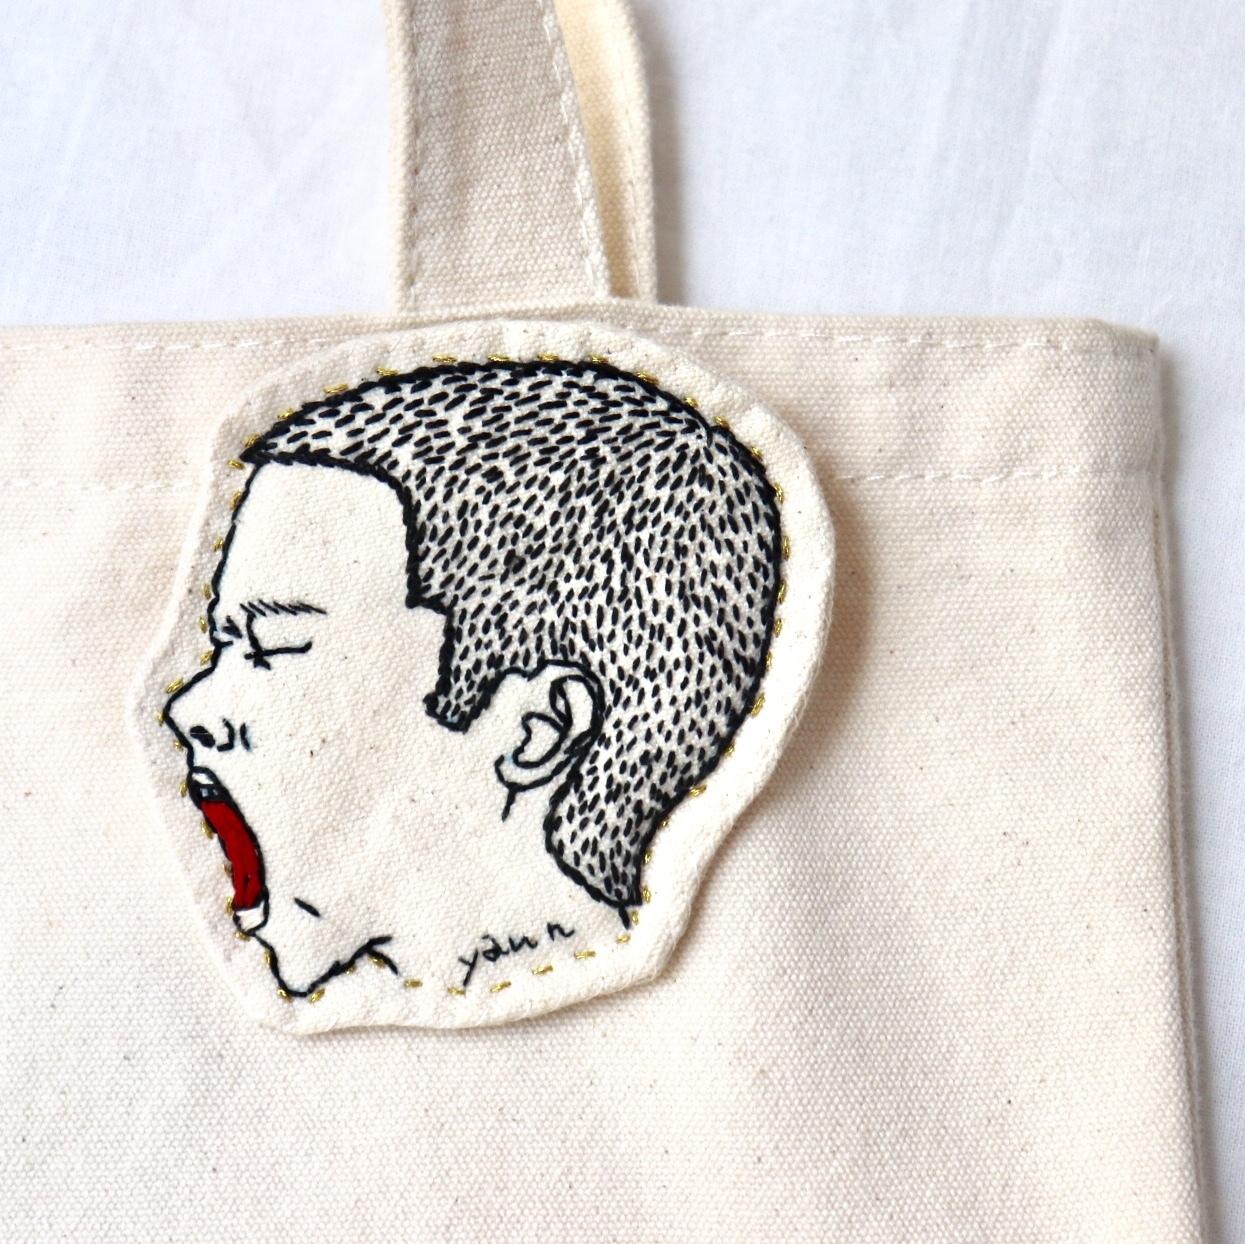 少年のハンドメイド刺繍ブローチ